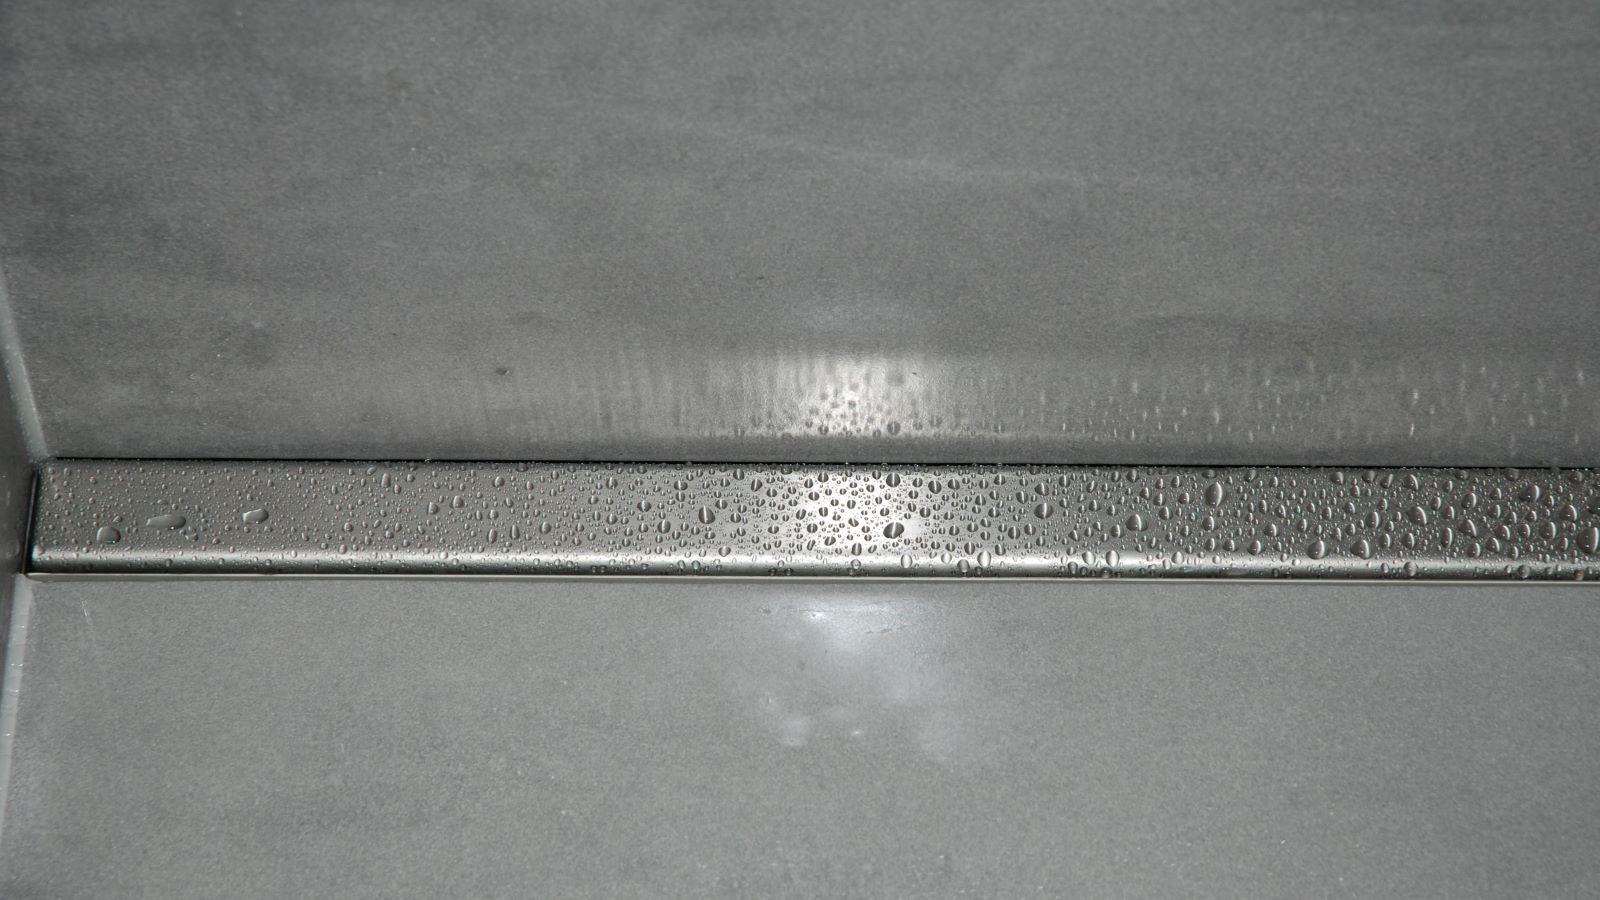 Zu sehen ist die dezente, hochwertige v4a edelstahl-duschrinne pro xxl. Wandbuendig montiert ist sie ideal fuer eine kombination auch mit einer wassergefuehrten fussbodenheizung. Auch in reihenduschen ist so eine wassergefuehrte fussbodenheizung durch die passgenau gefertigte, extra lange duschrinne pro xxl moeglich. Sie wird cm-genau bis 600 cm massgefertigt.